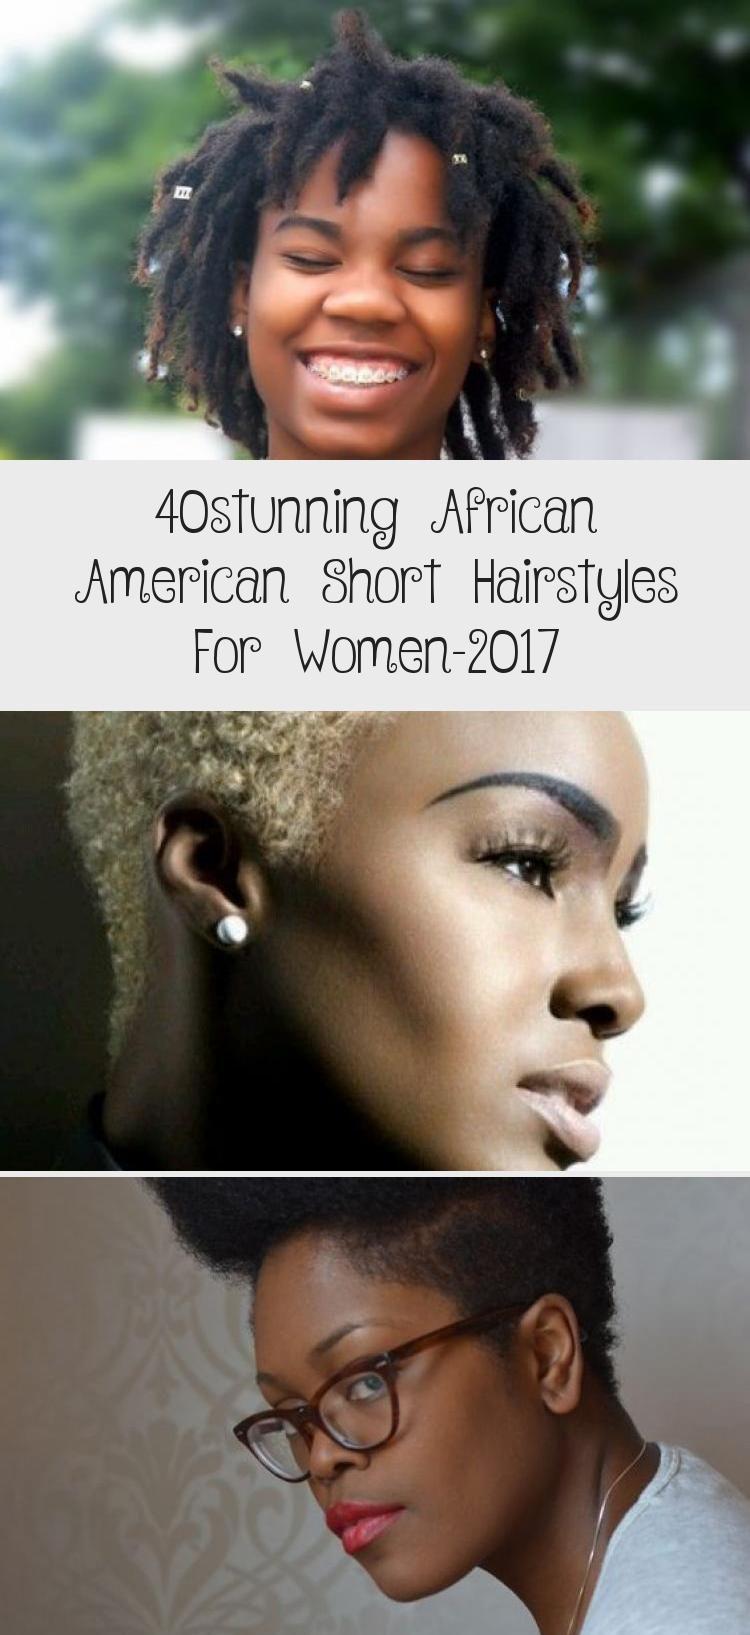 女性のための40の見事なアフリカ系アメリカ人ショートヘアスタイル